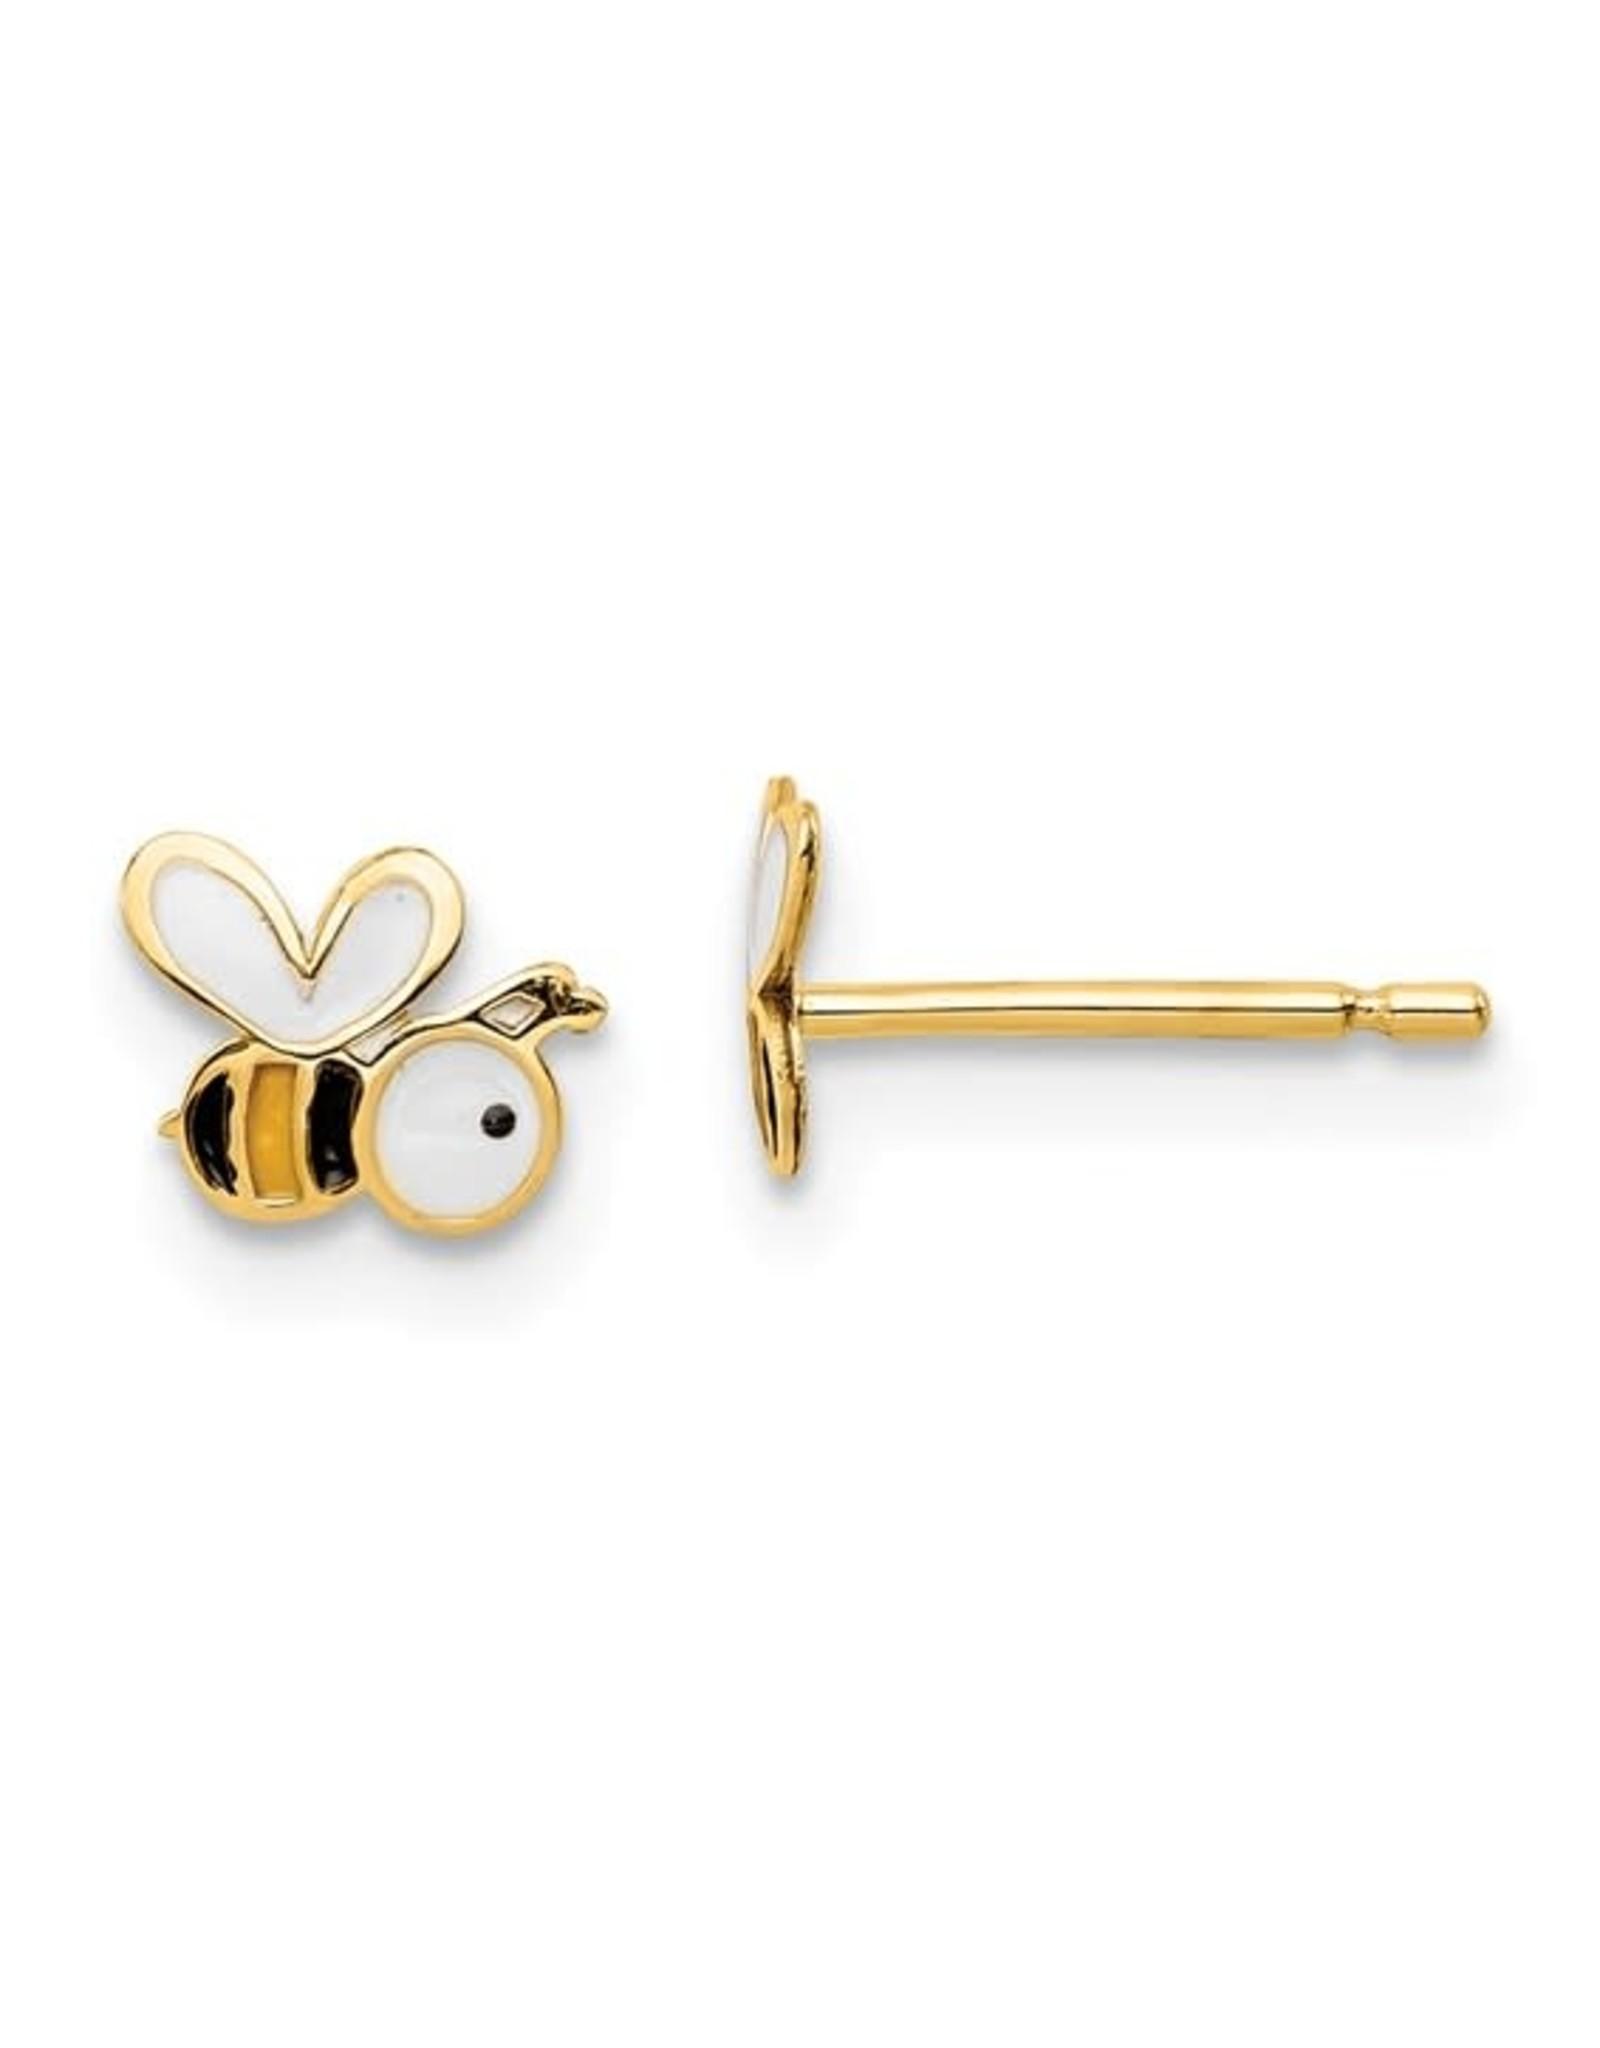 14K Yellow Gold Children's Bee Kind Enamel Stud Earrings